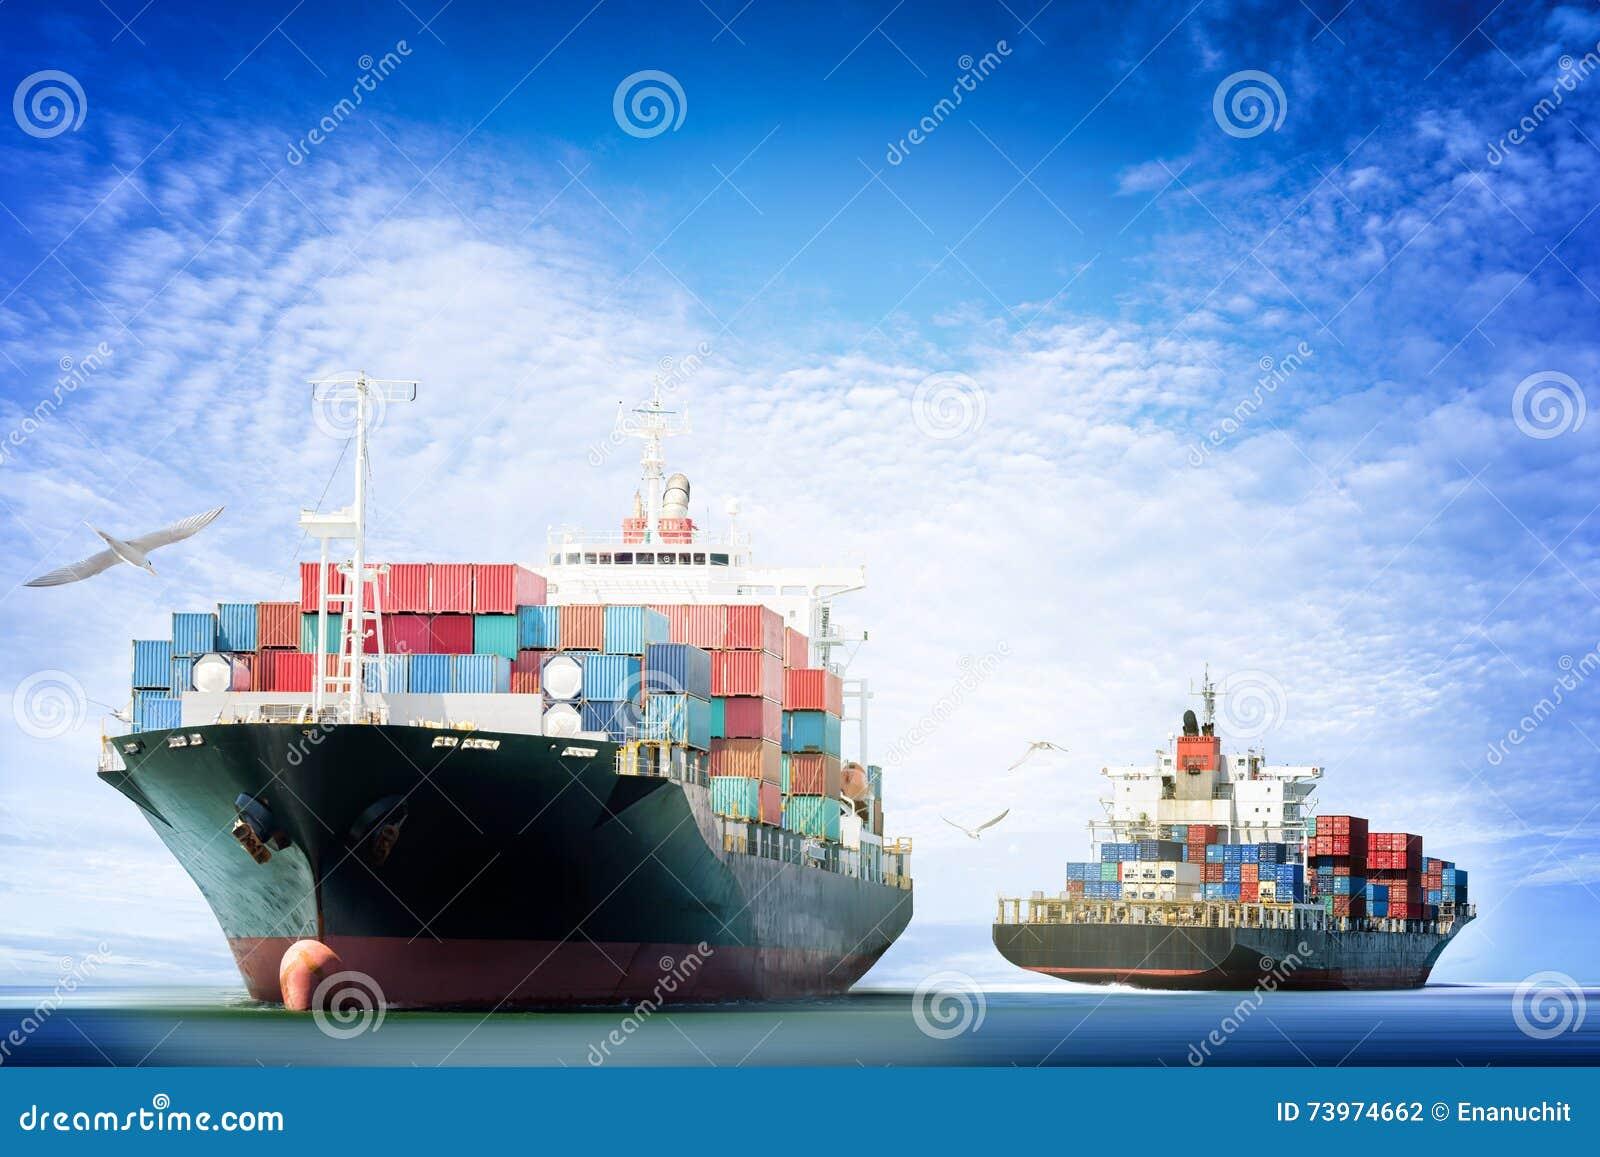 Φορτηγό πλοίο εμπορευματοκιβωτίων στον ωκεανό με τα πουλιά που πετούν στο μπλε ουρανό,